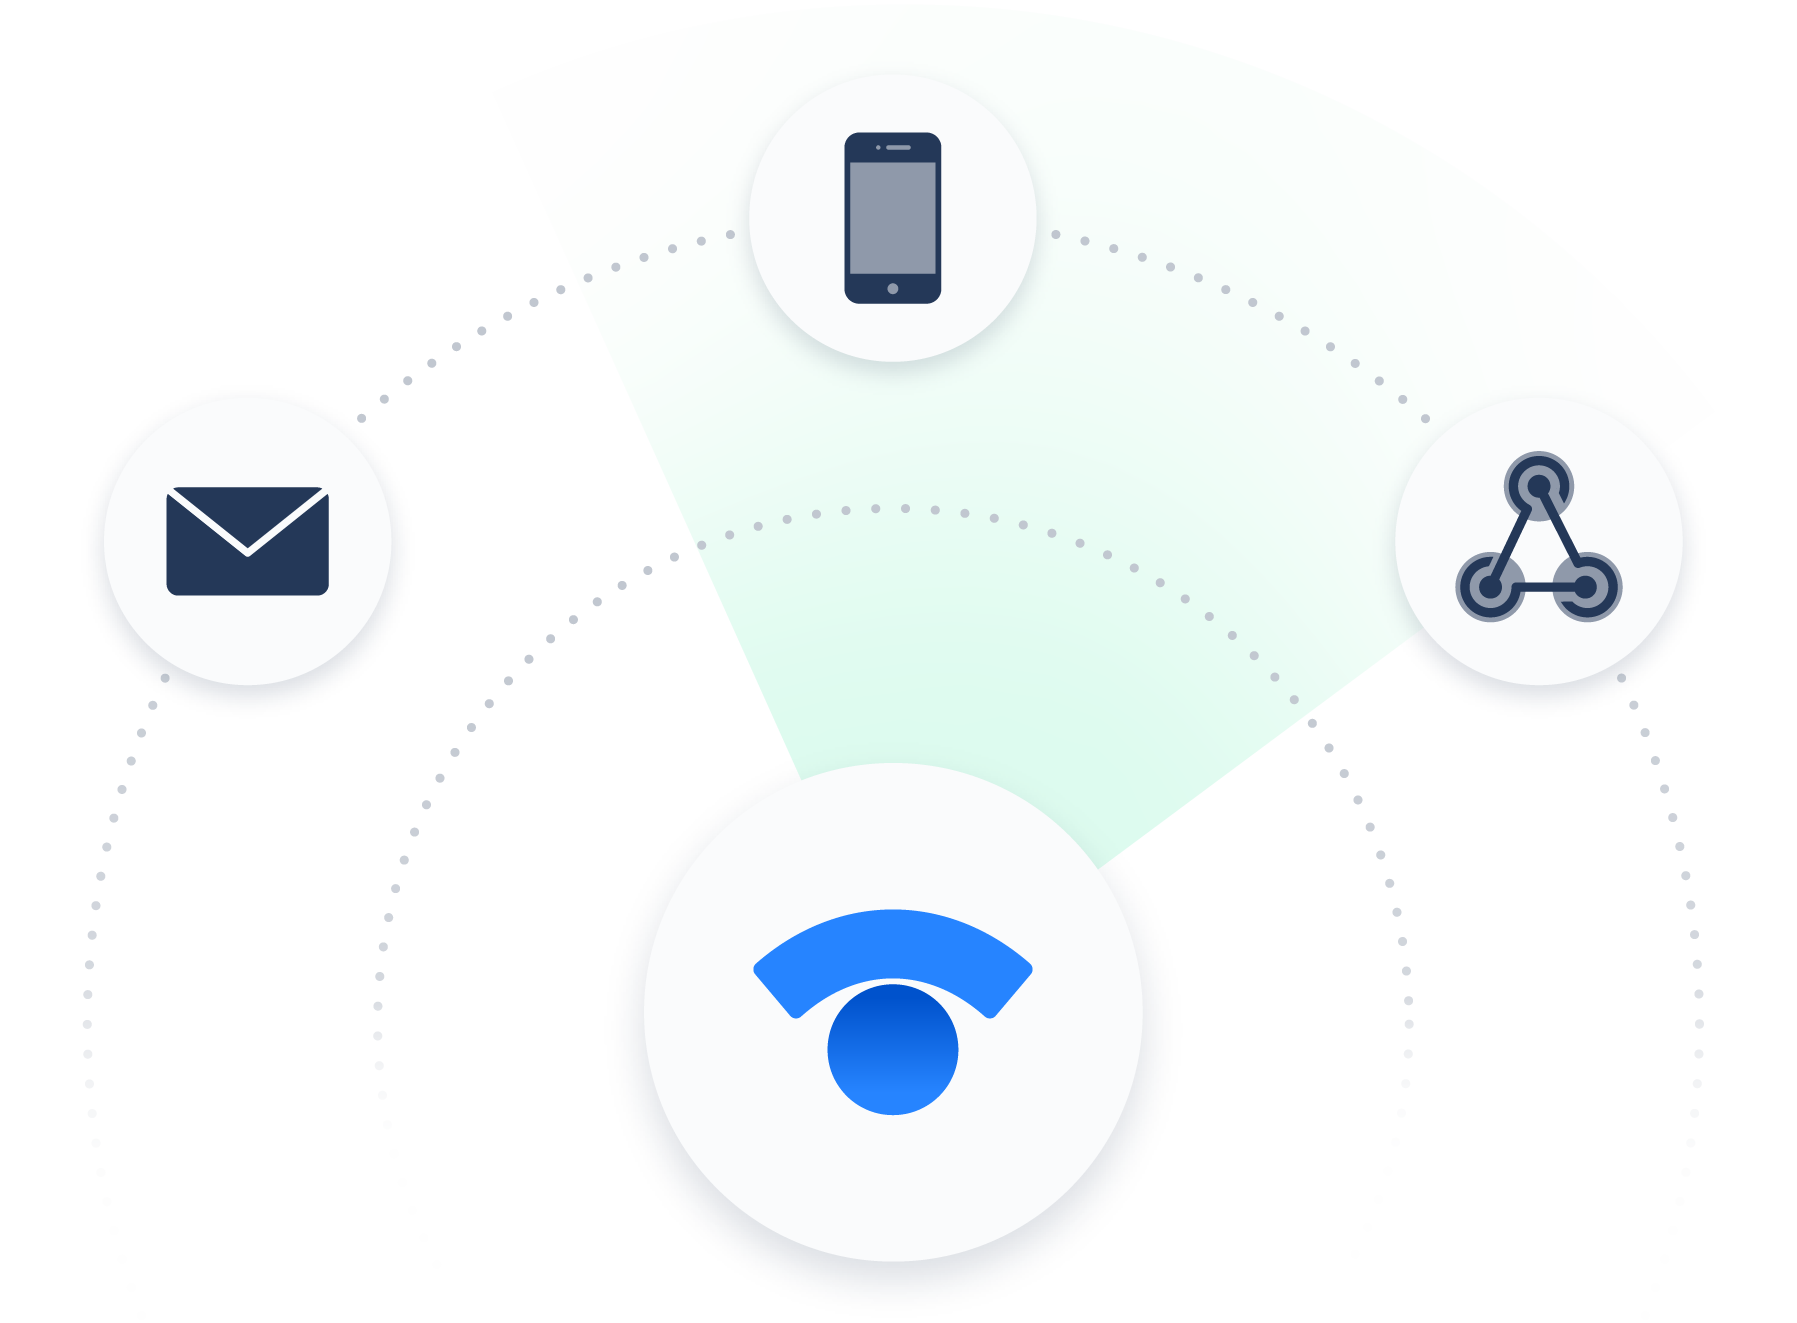 周围带有通信图标(例如邮件和电话)的 Statuspage 图标